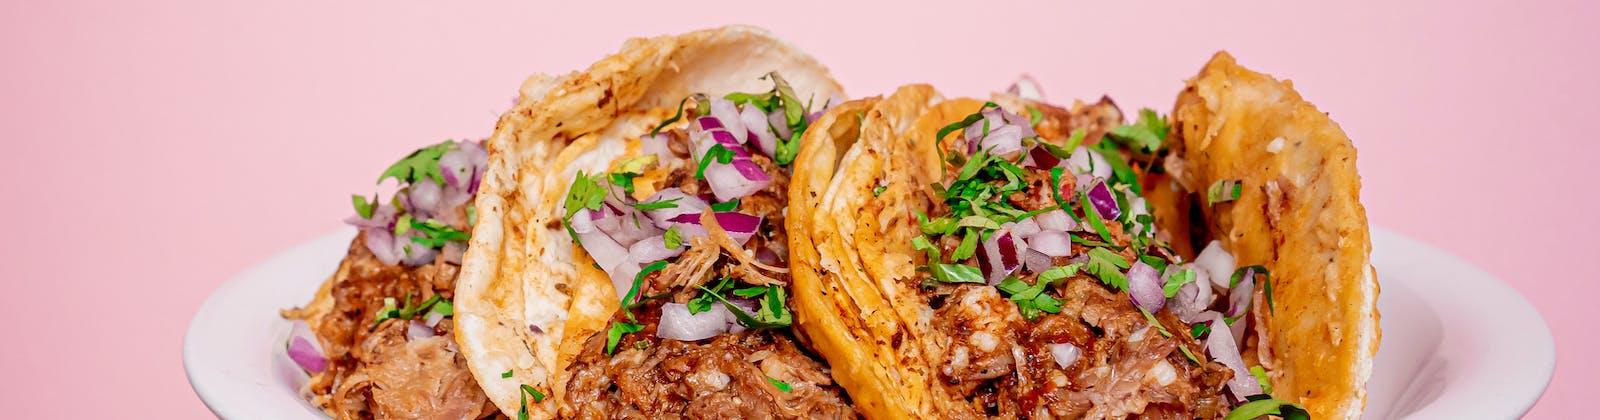 birria tacos in auckland